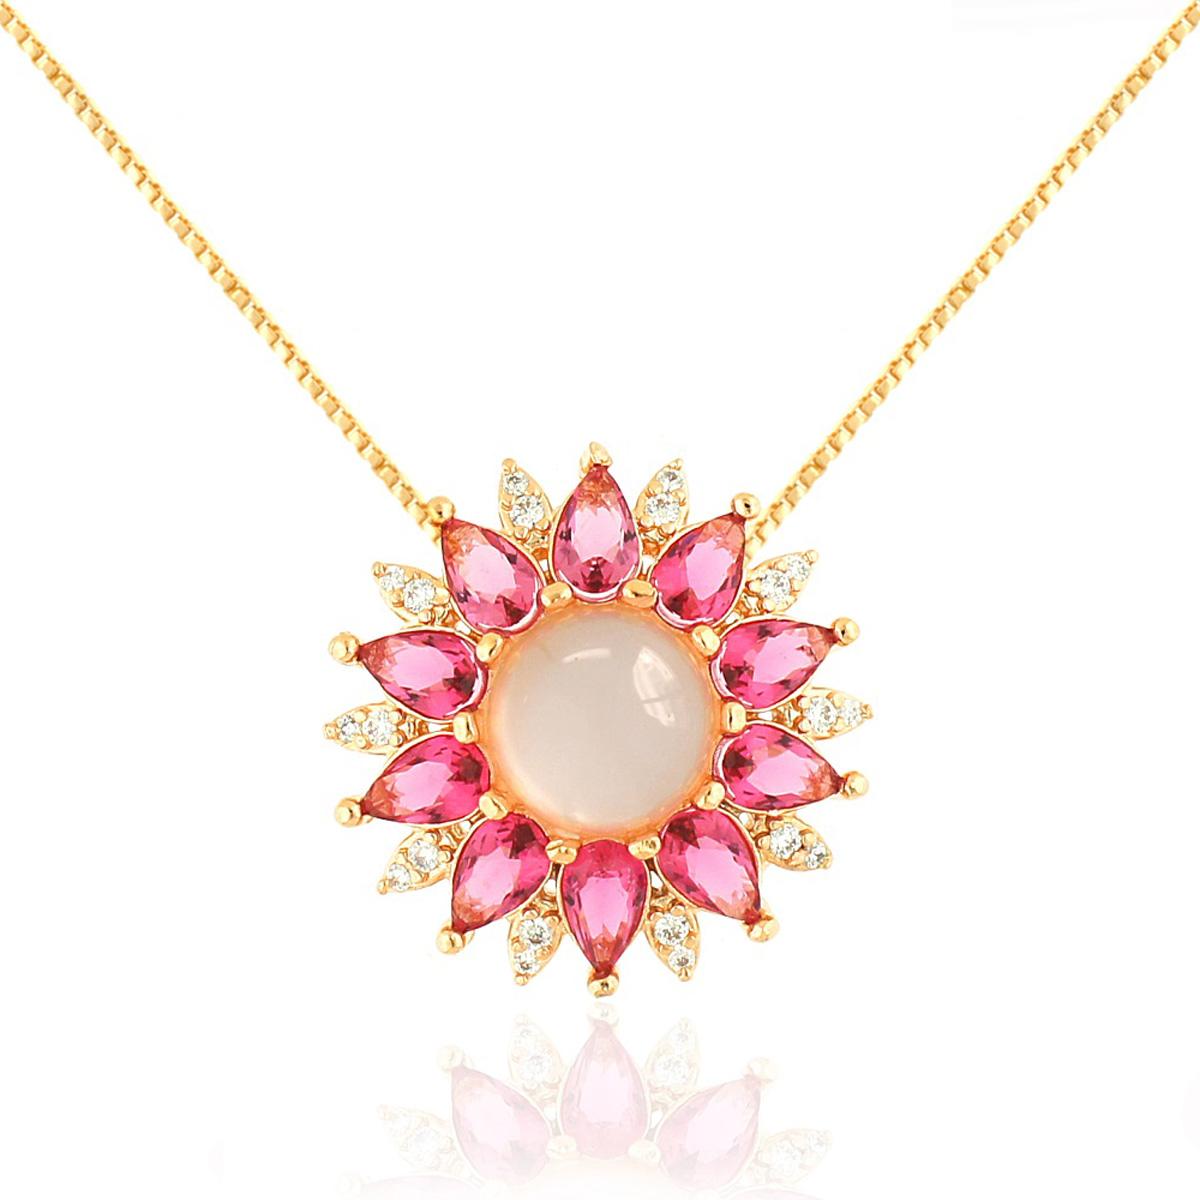 Colar Flor Cabochão Semijoia em Ouro Rosé 18K com Zircônia Branca e Cristal Rosa Safira  - Soloyou